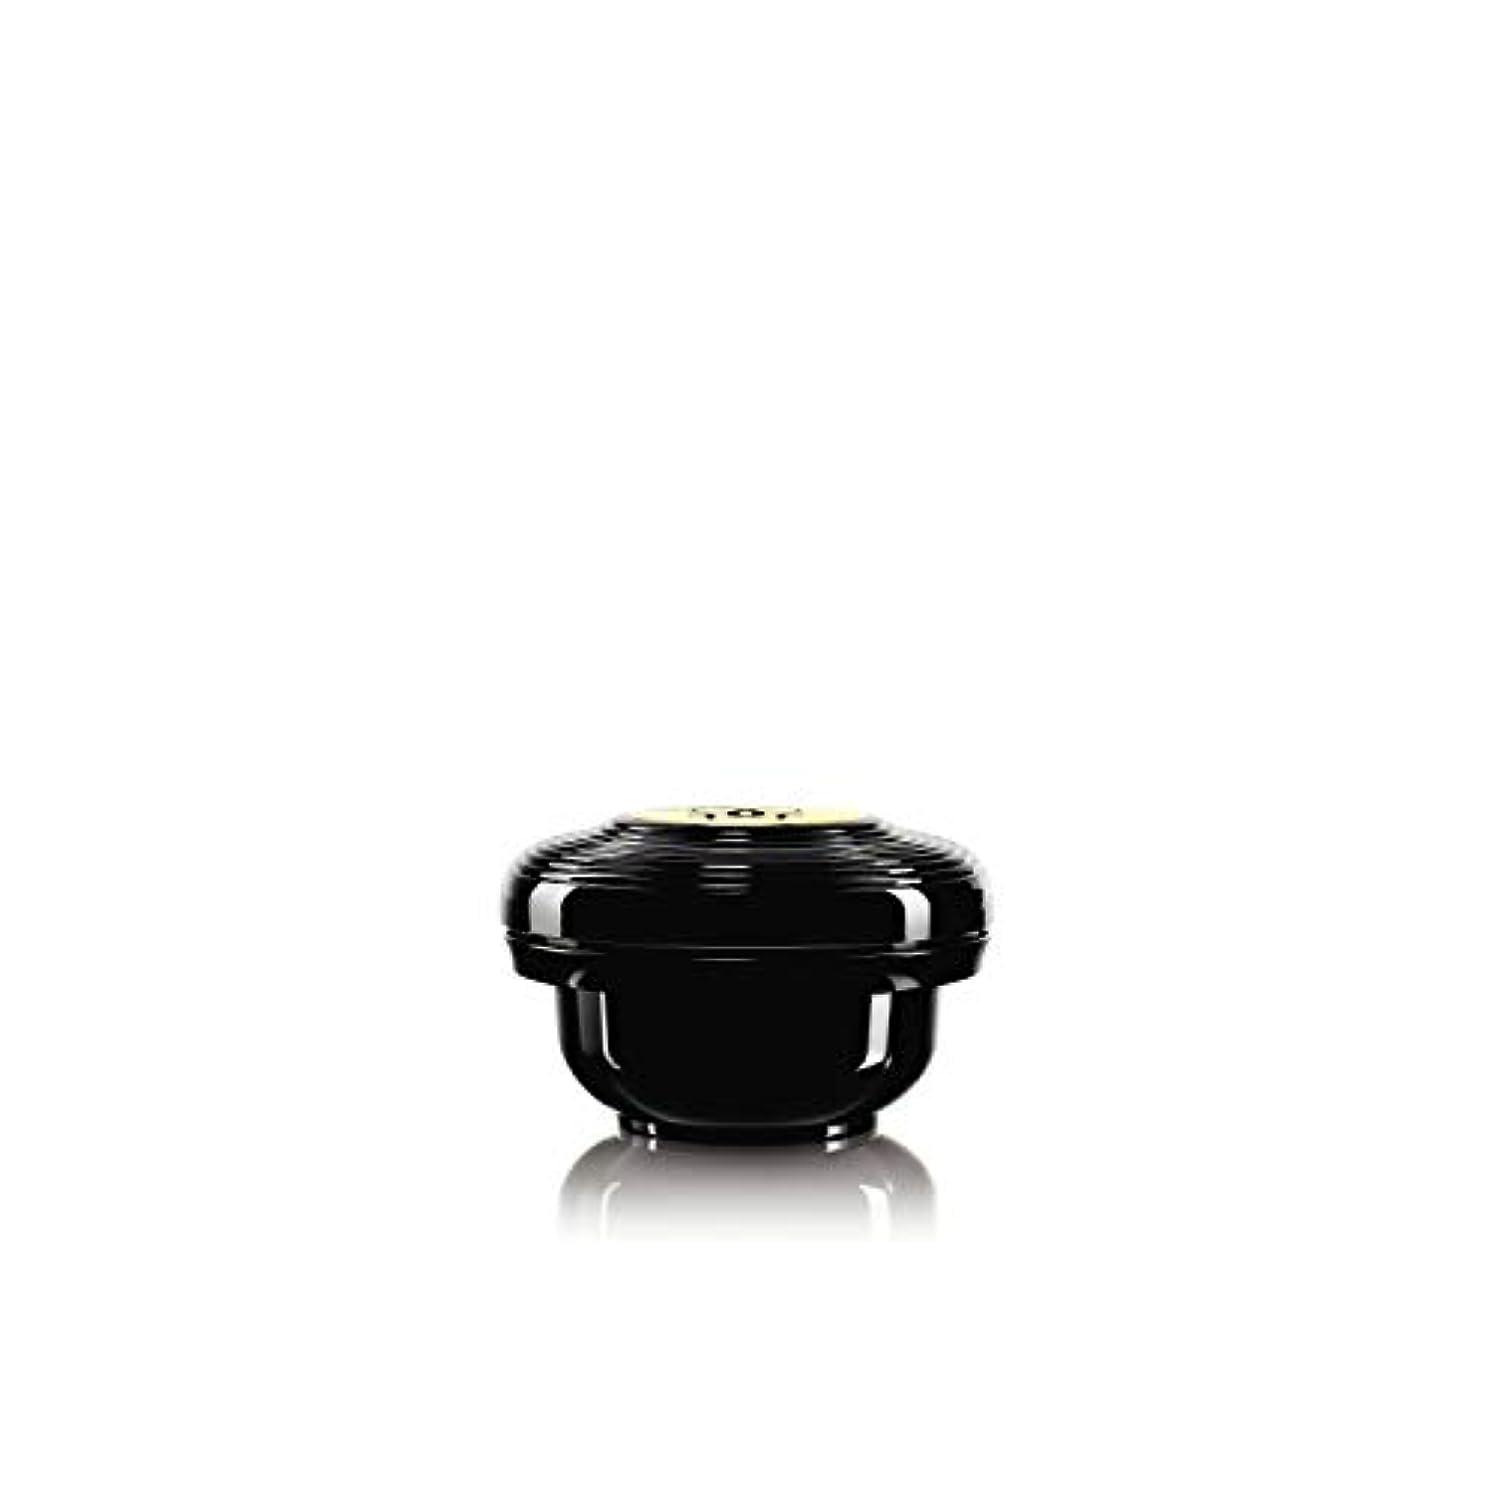 メロドラマティック灰レトルト【GUERLAIN(ゲラン)】オーキデ アンペリアル ブラック クリーム ベルナルド(リフィル)50mL/クリーム